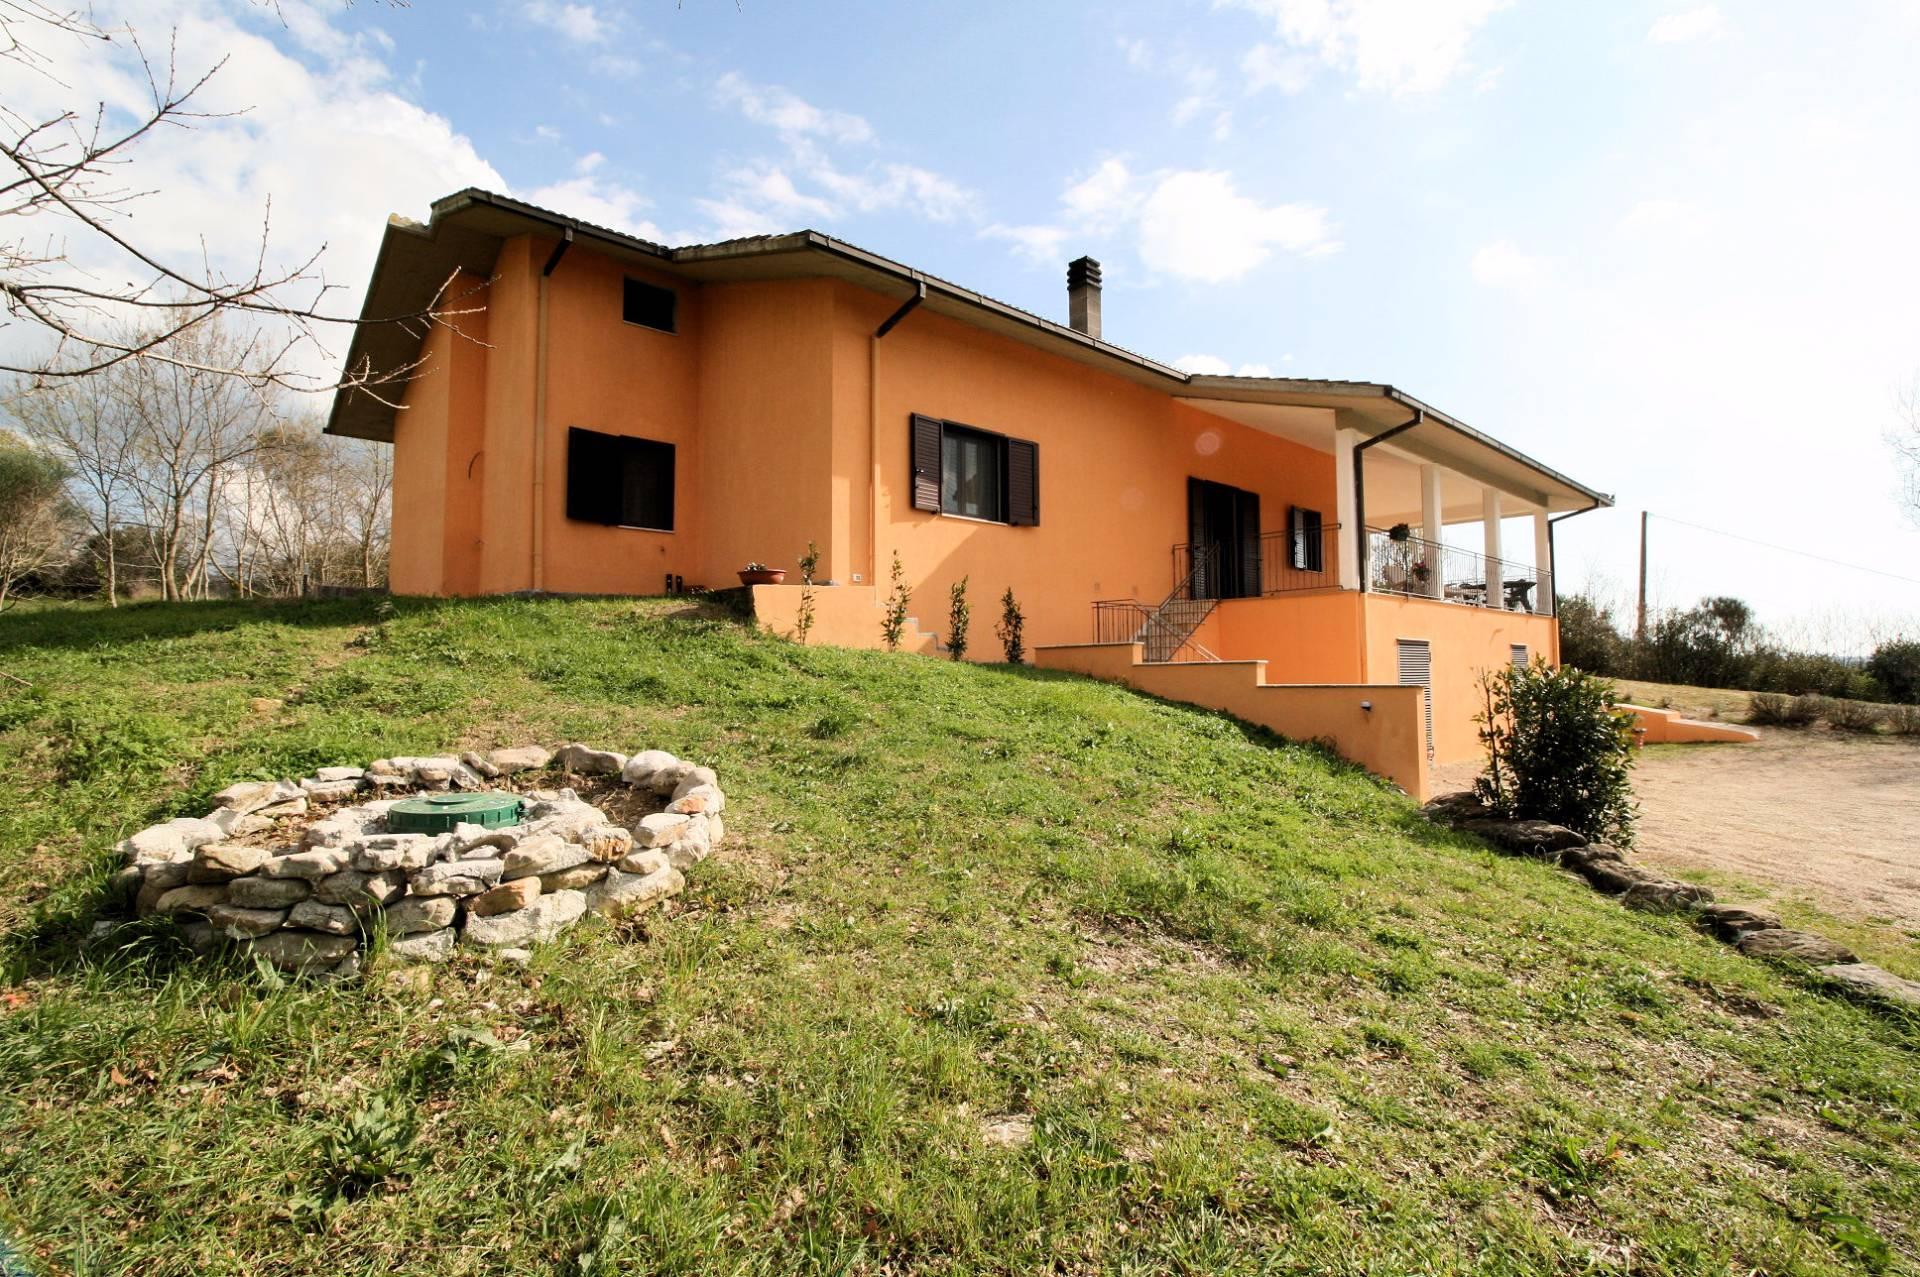 Villa in vendita a Manciano, 7 locali, zona Zona: Saturnia, prezzo € 400.000 | Cambio Casa.it